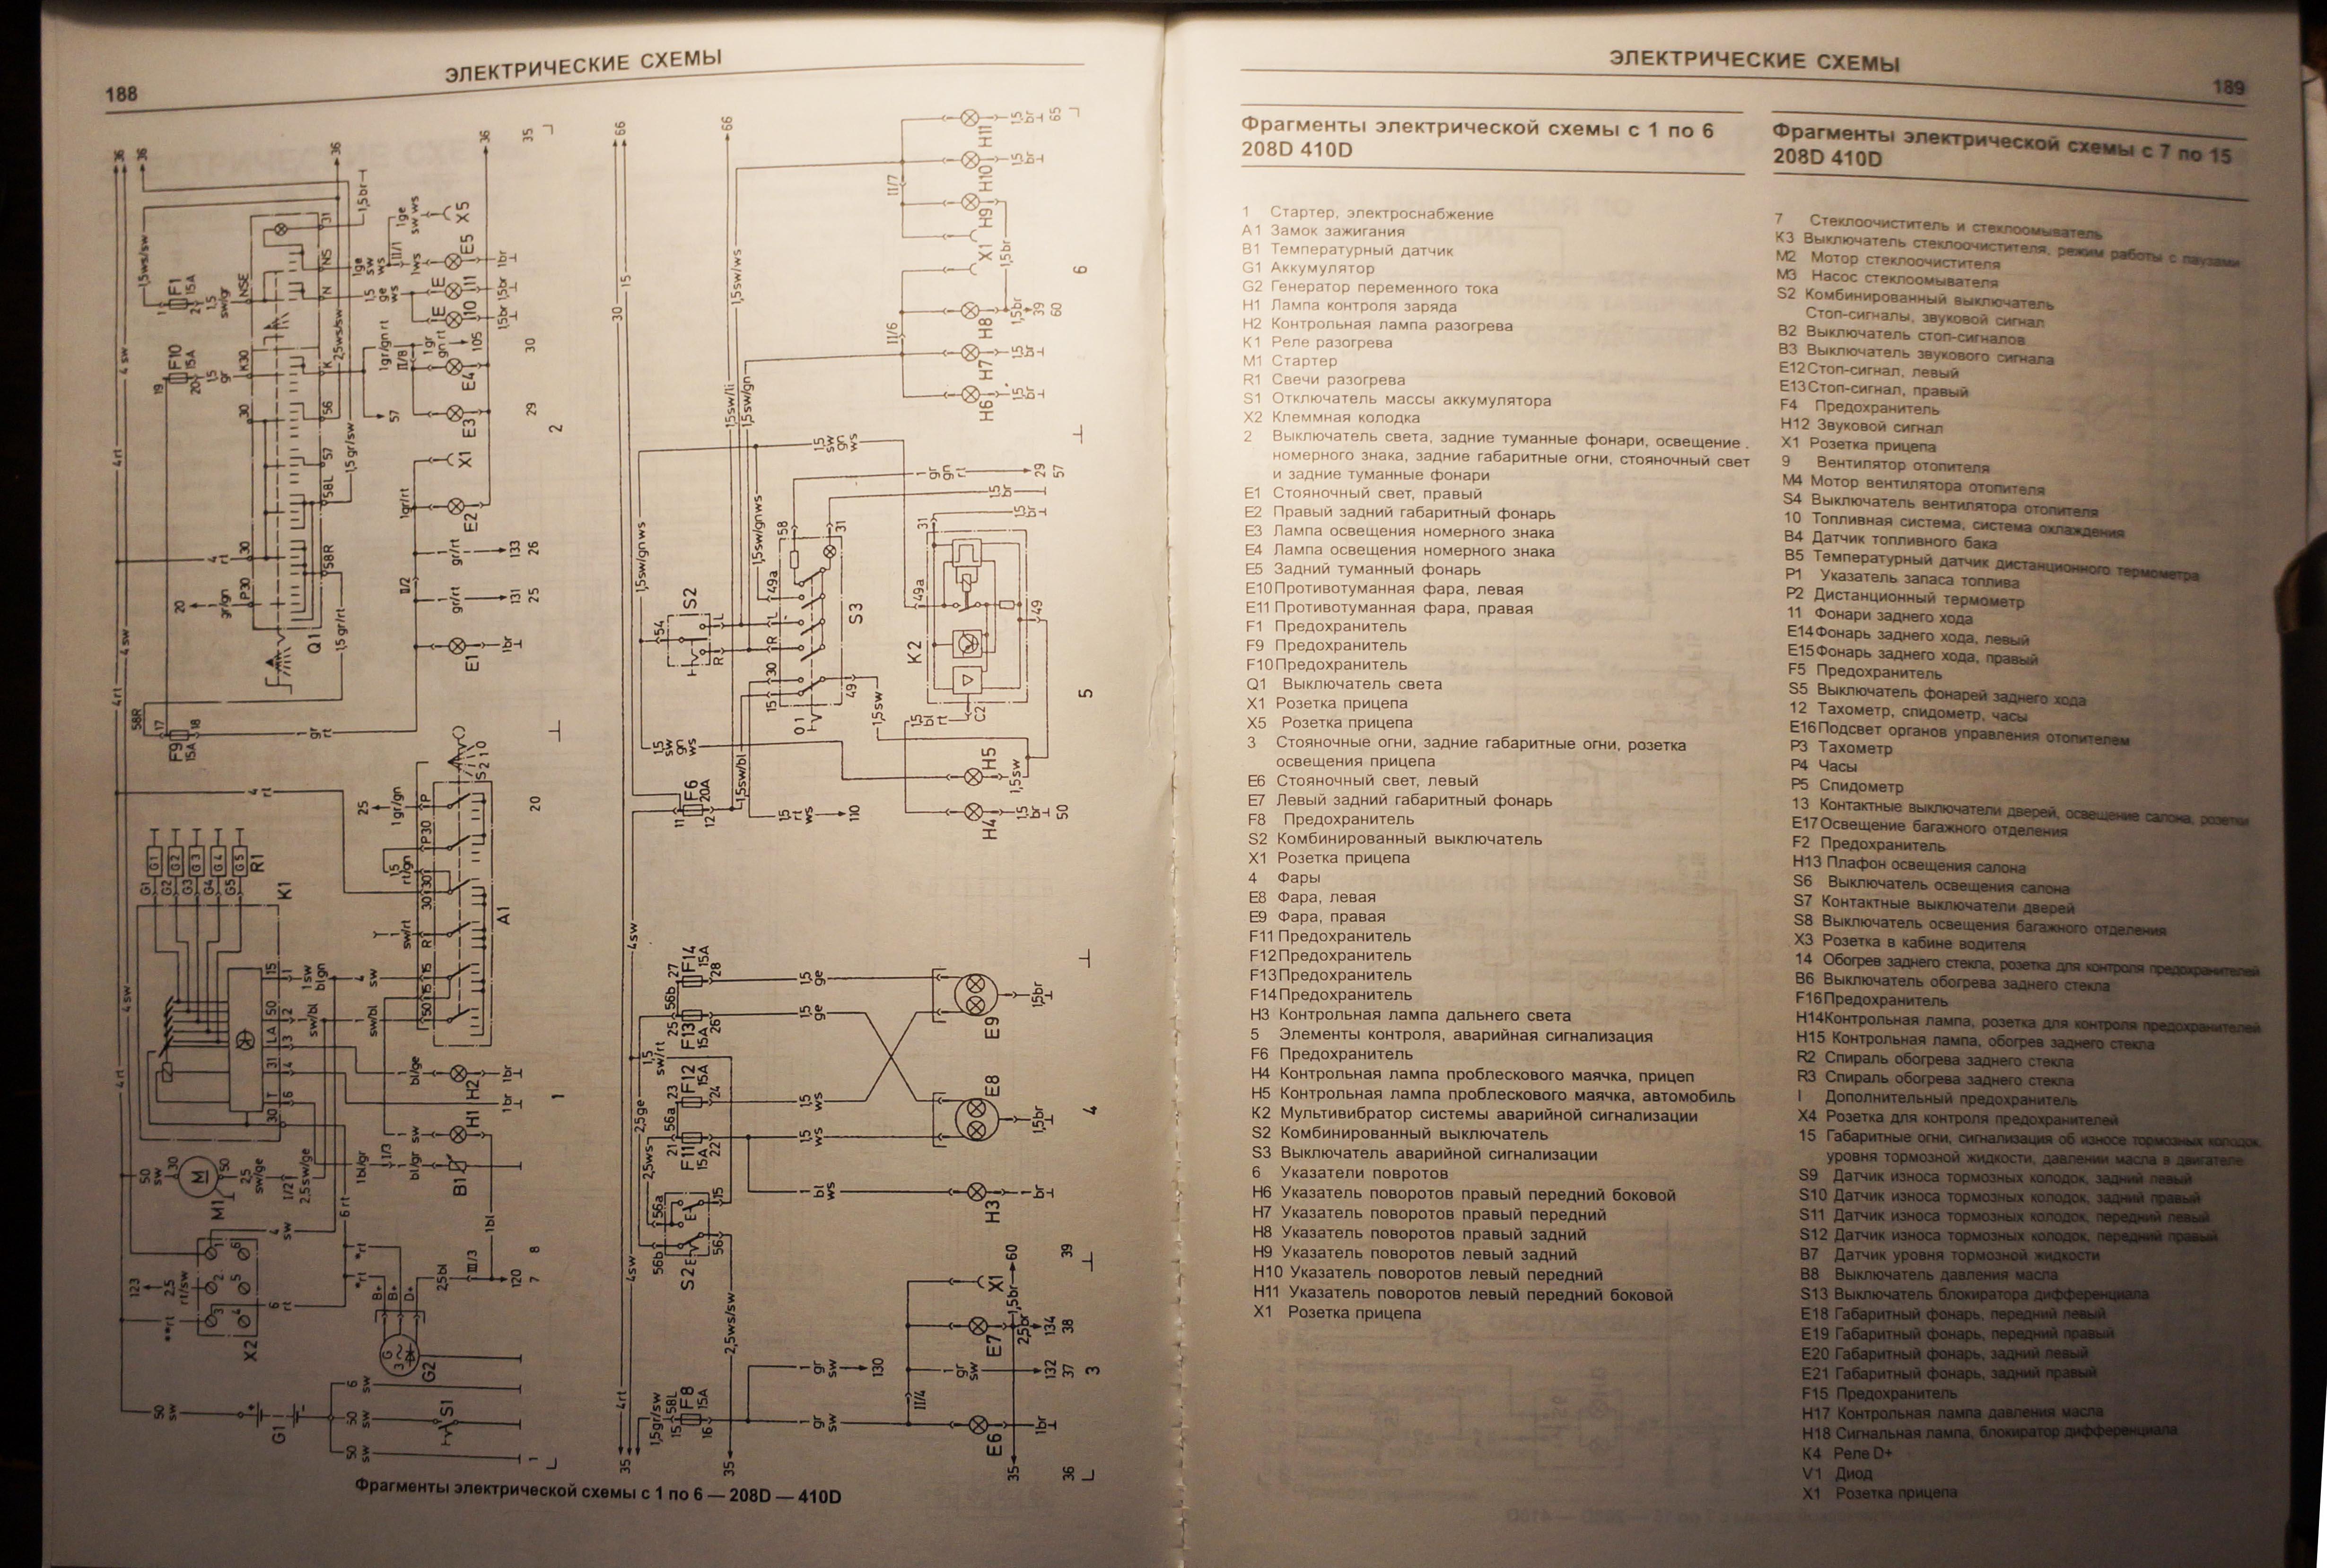 мерседес віто електро схема запобіжник